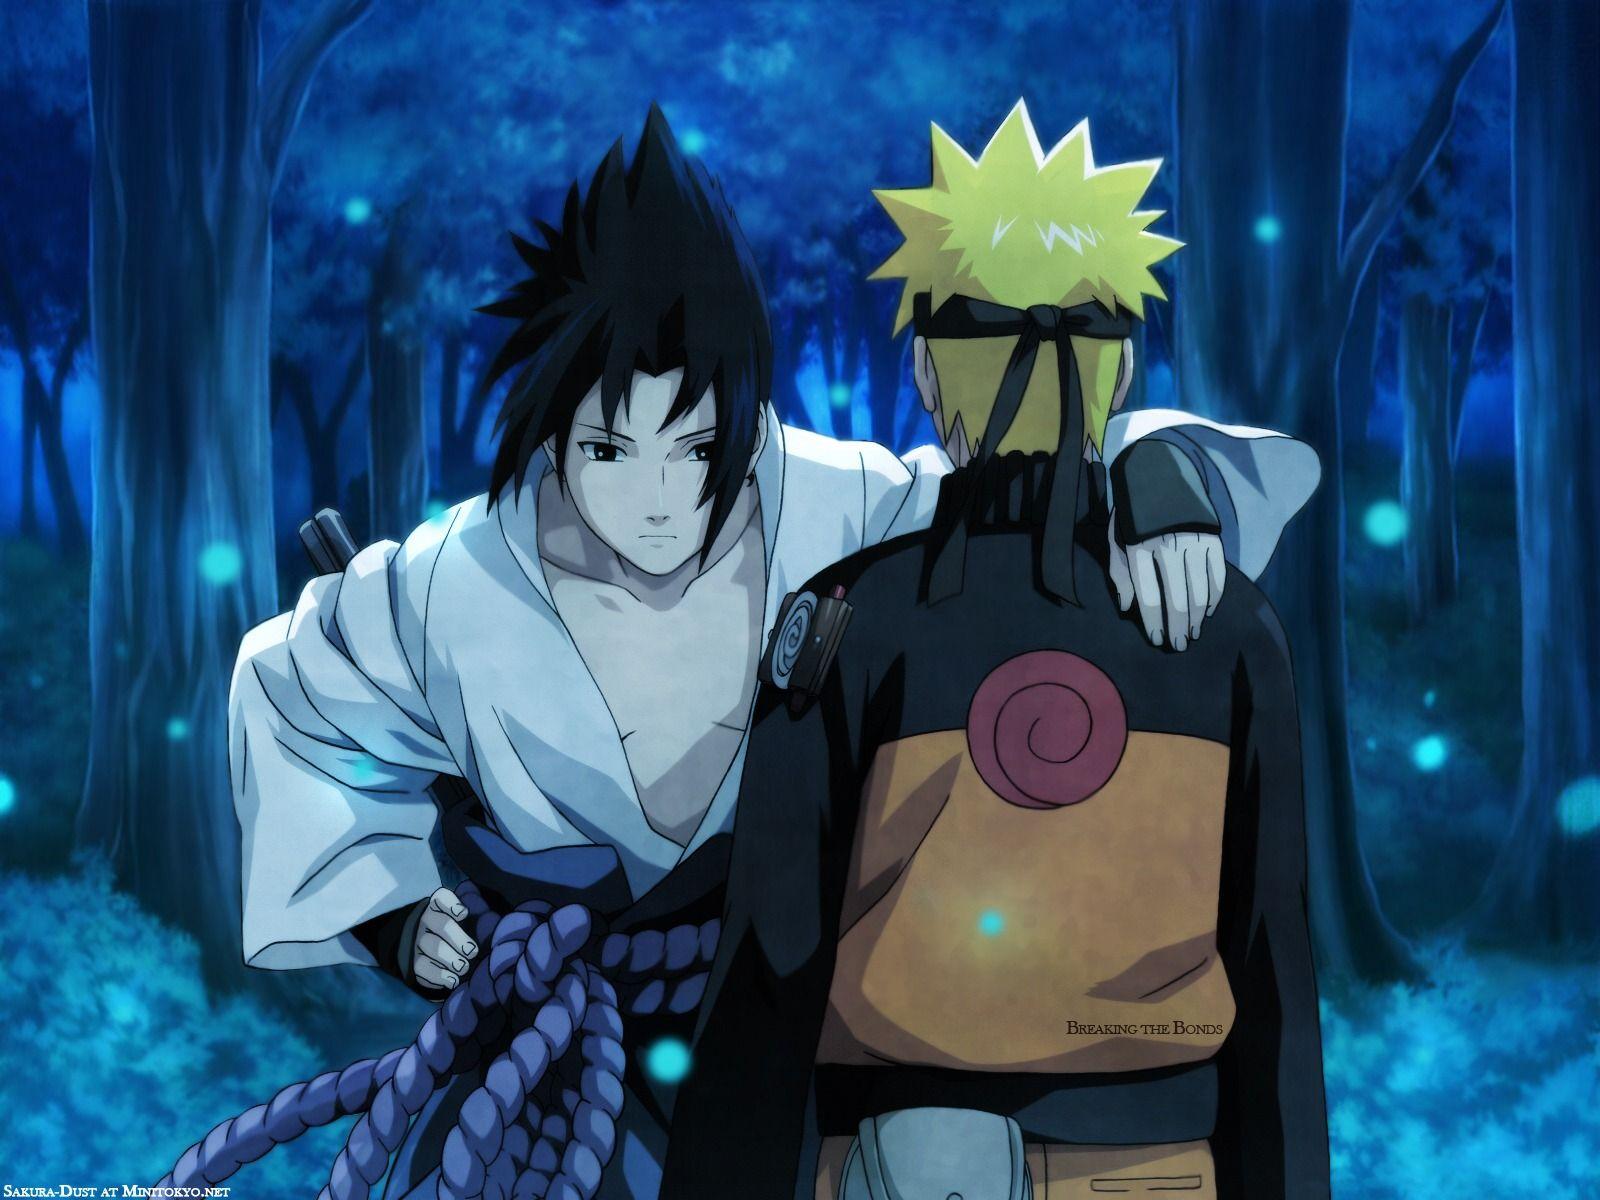 50 Gambar Dp Bbm Naruto Bergerak Terbaru 2017 Berbagai Gadget Naruto Uzumaki Naruto And Sasuke Animasi